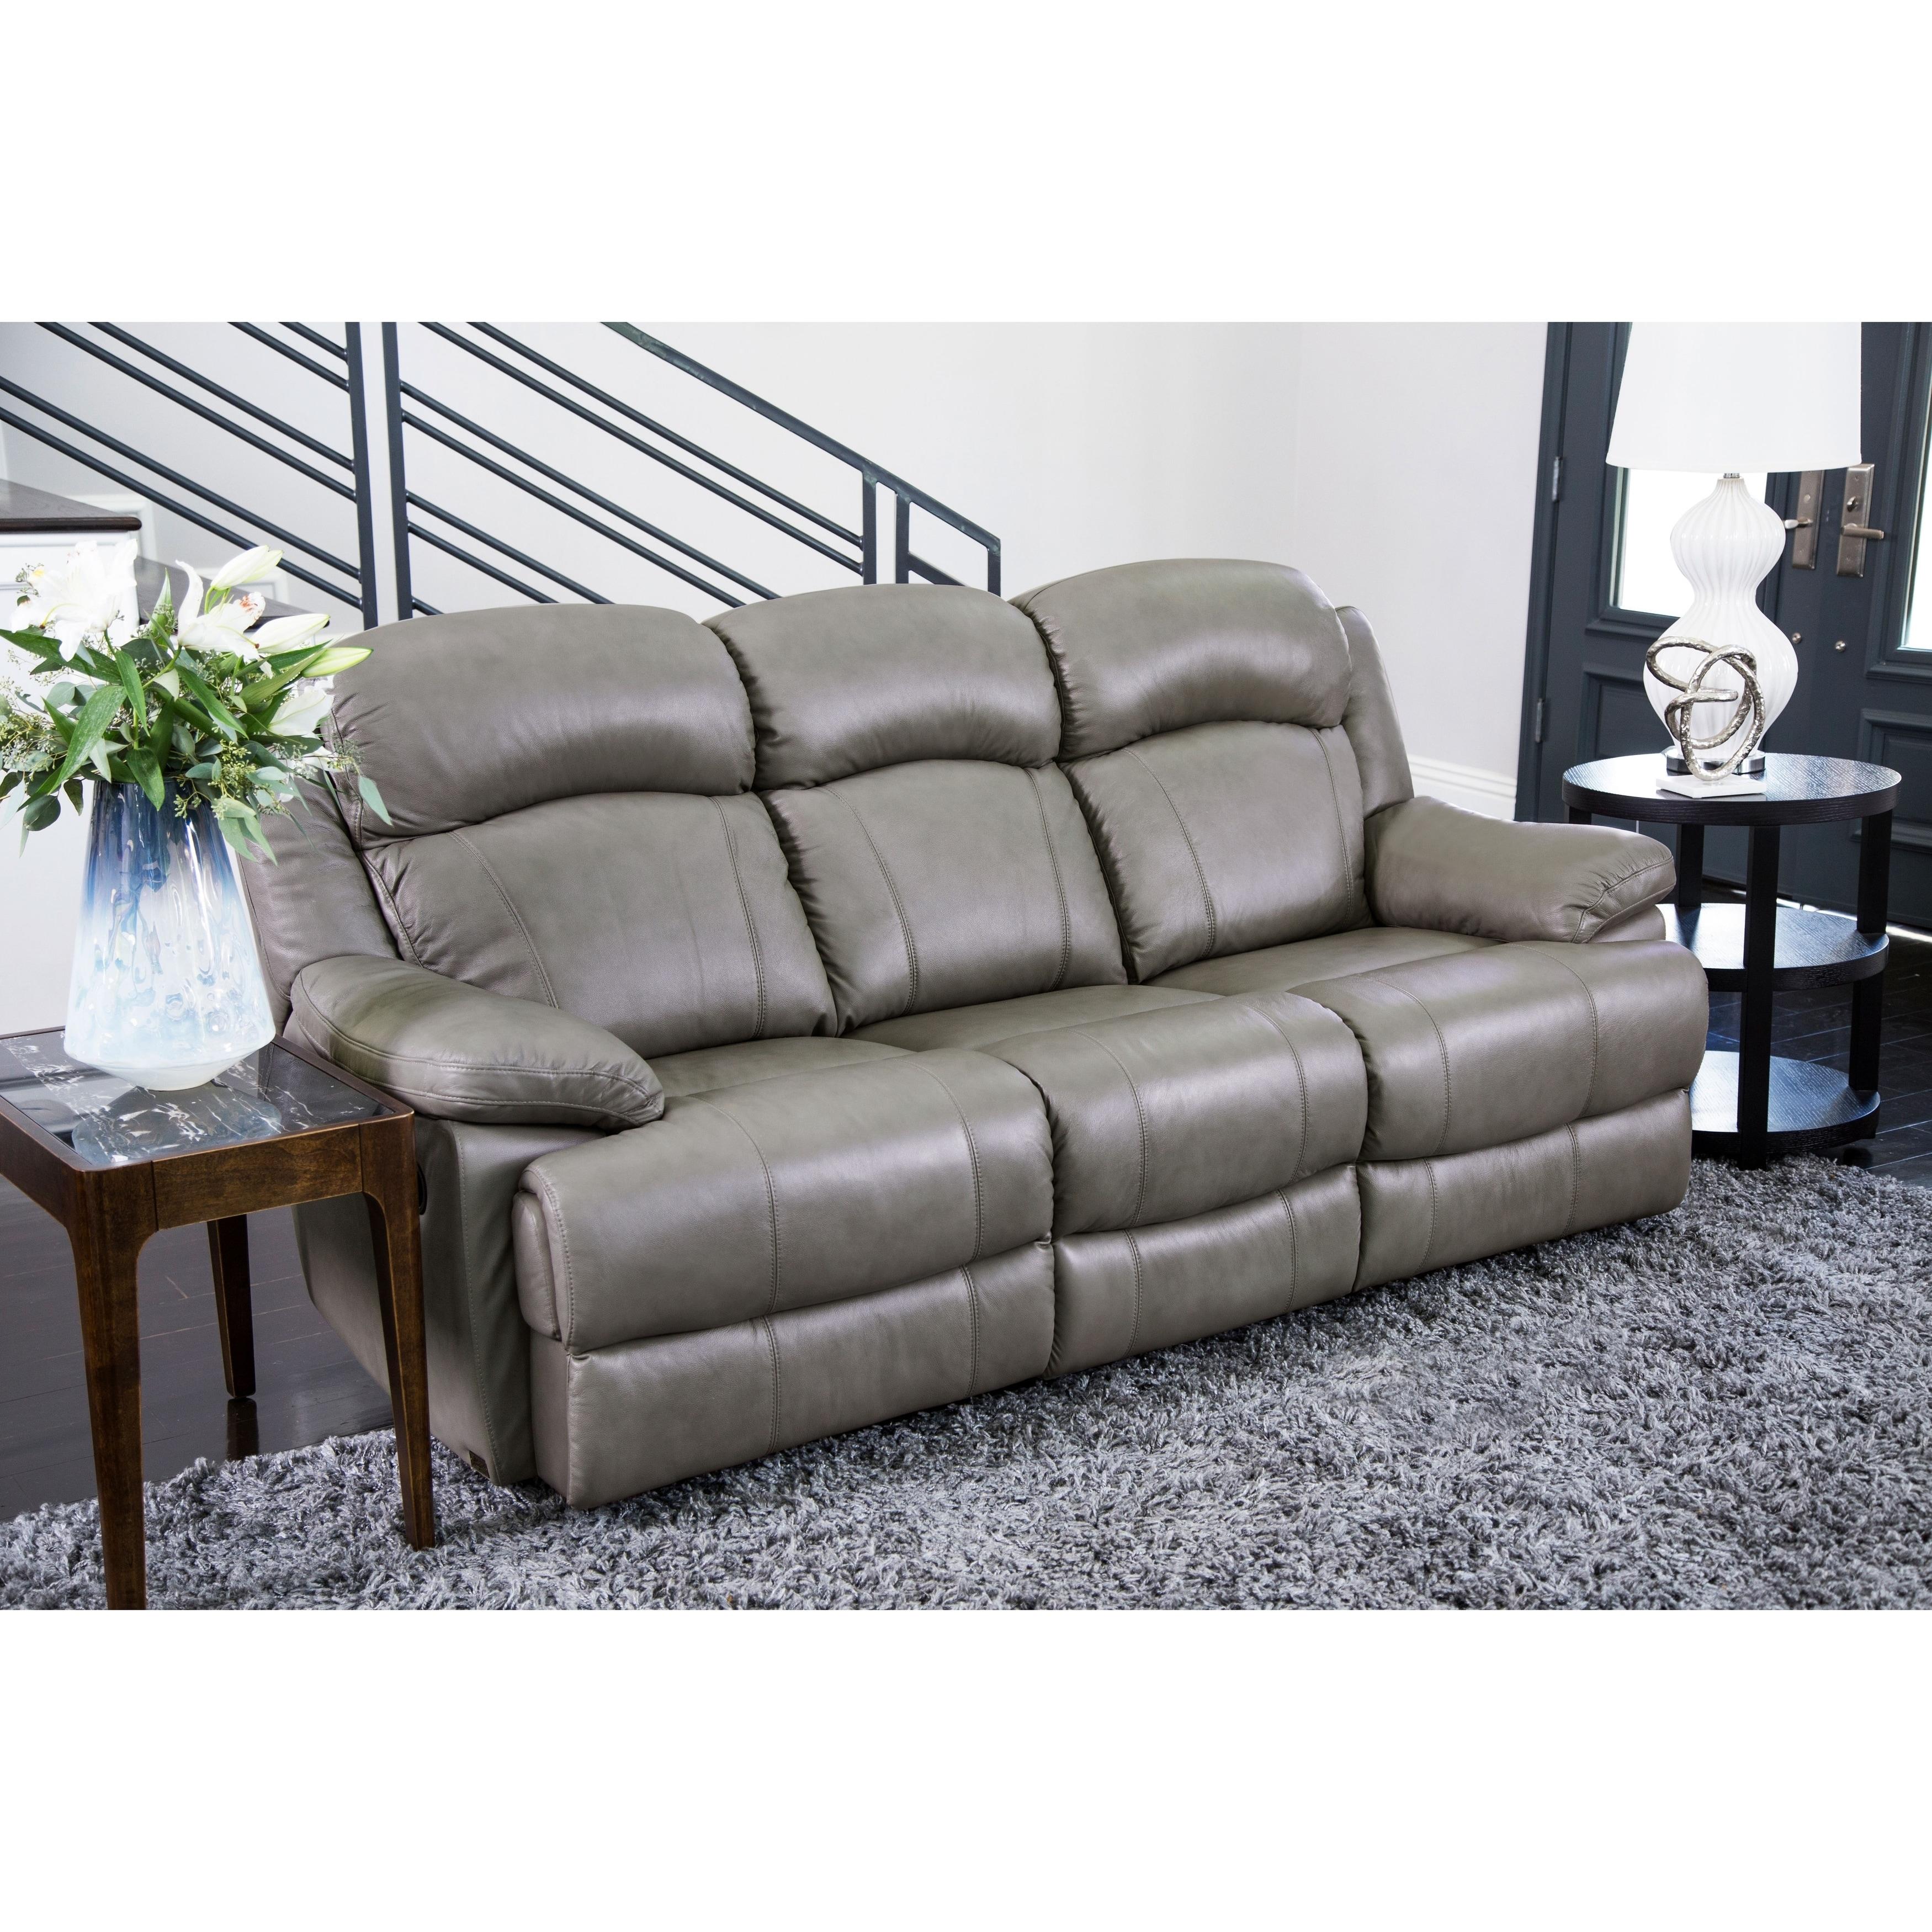 Abbyson reclining sofa Sofas